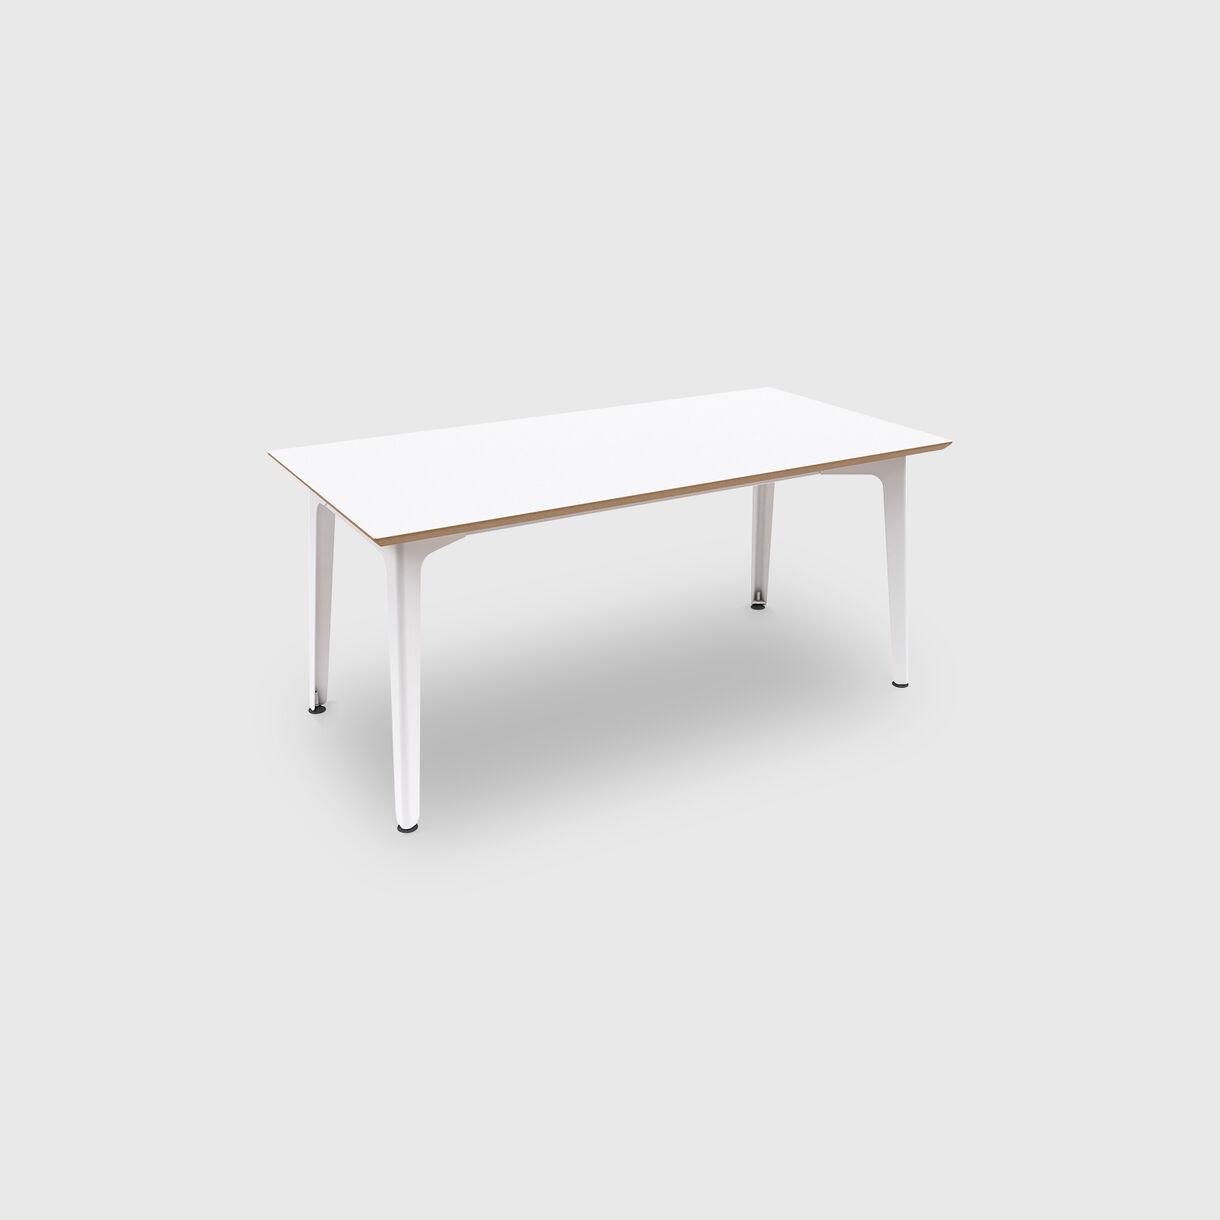 Fold Table